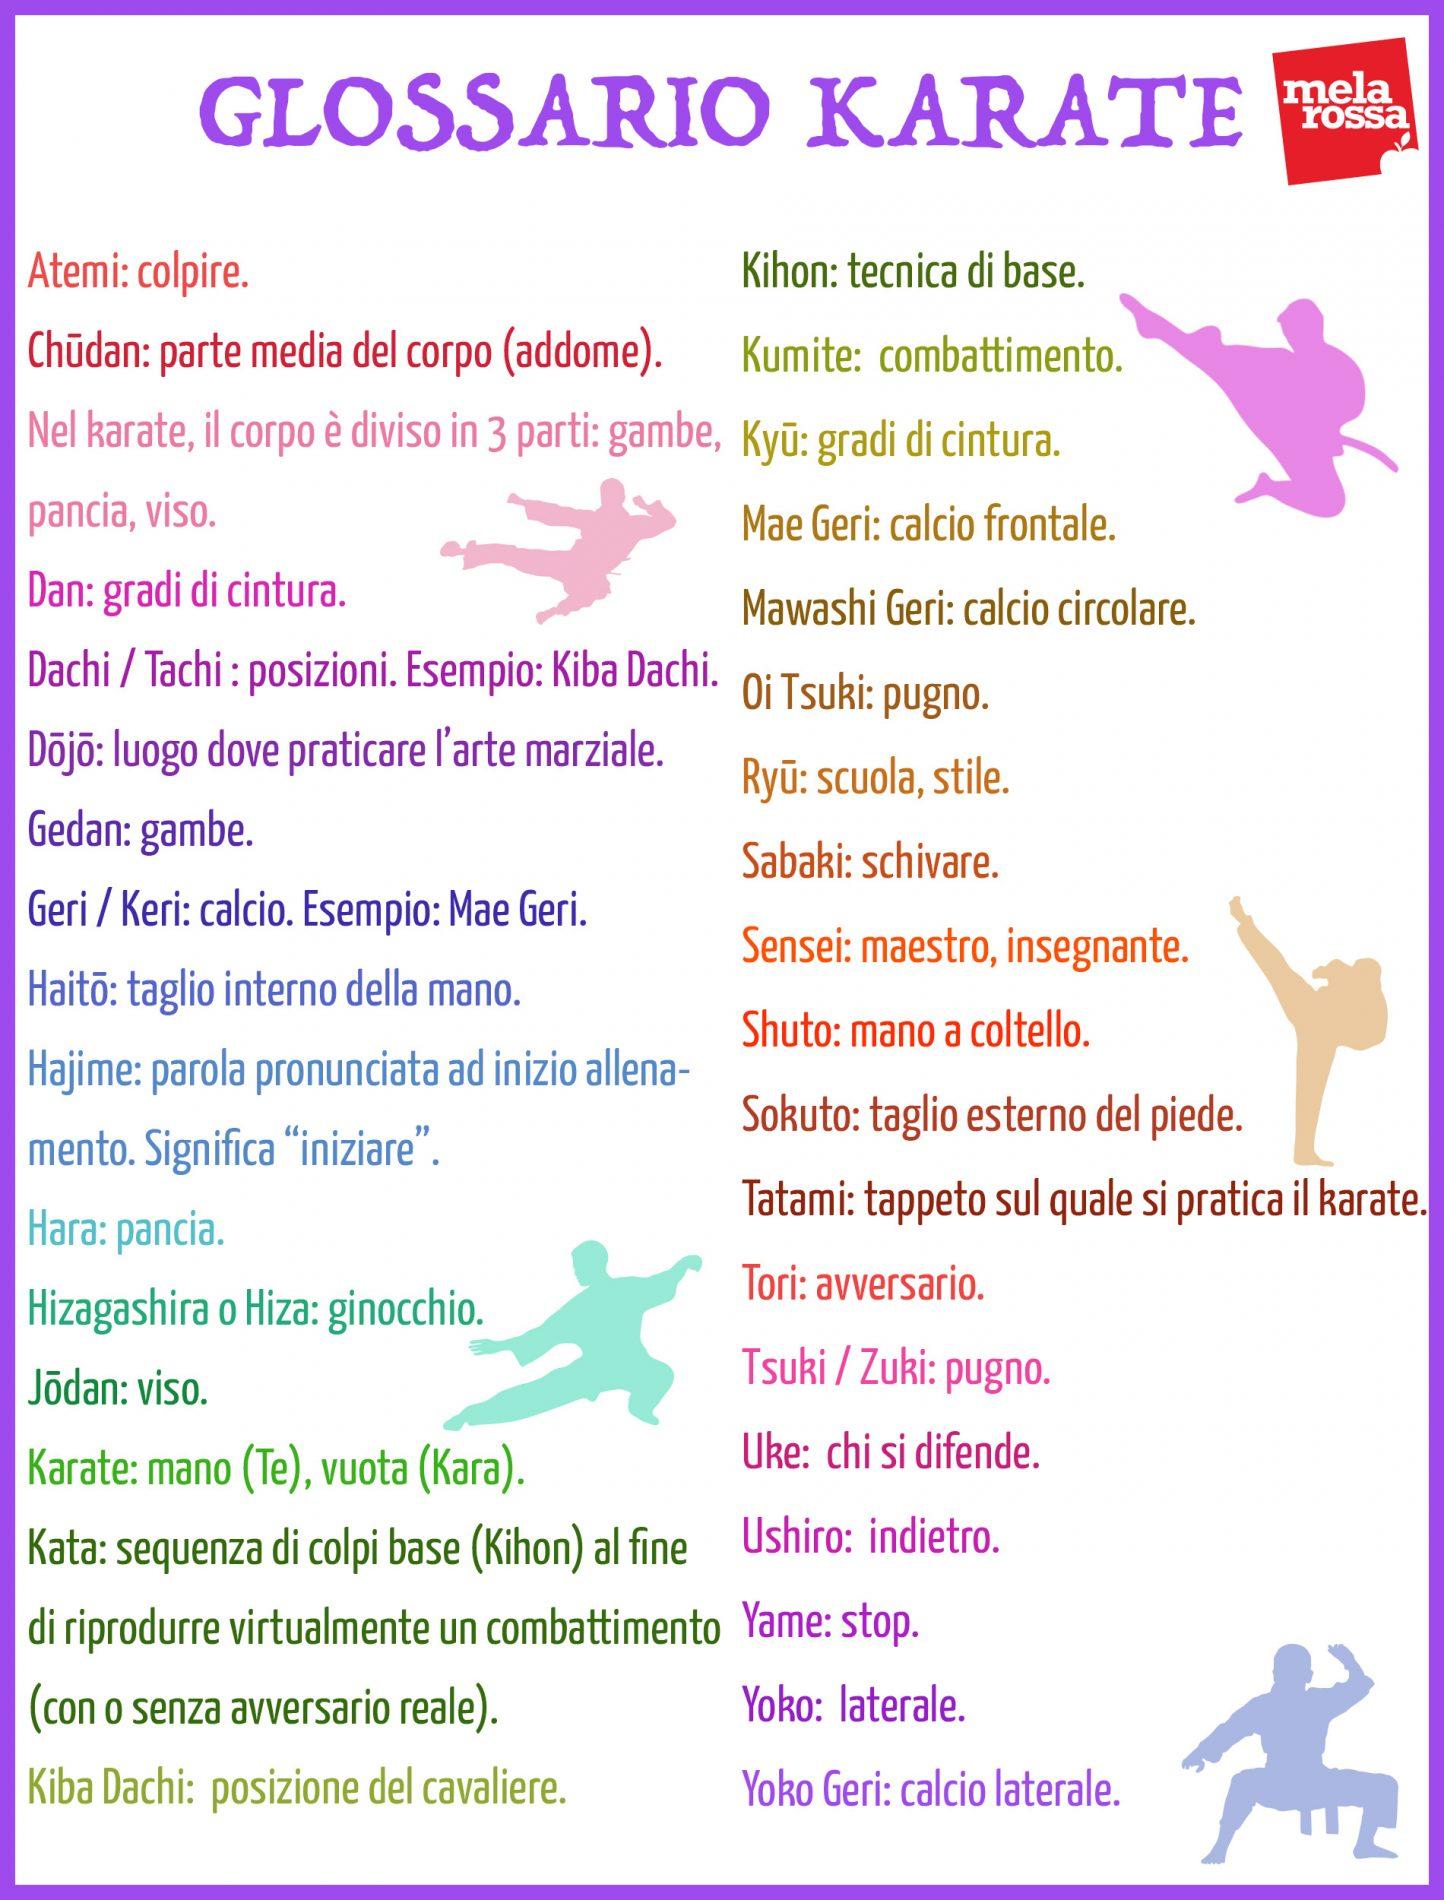 il glossario del karate